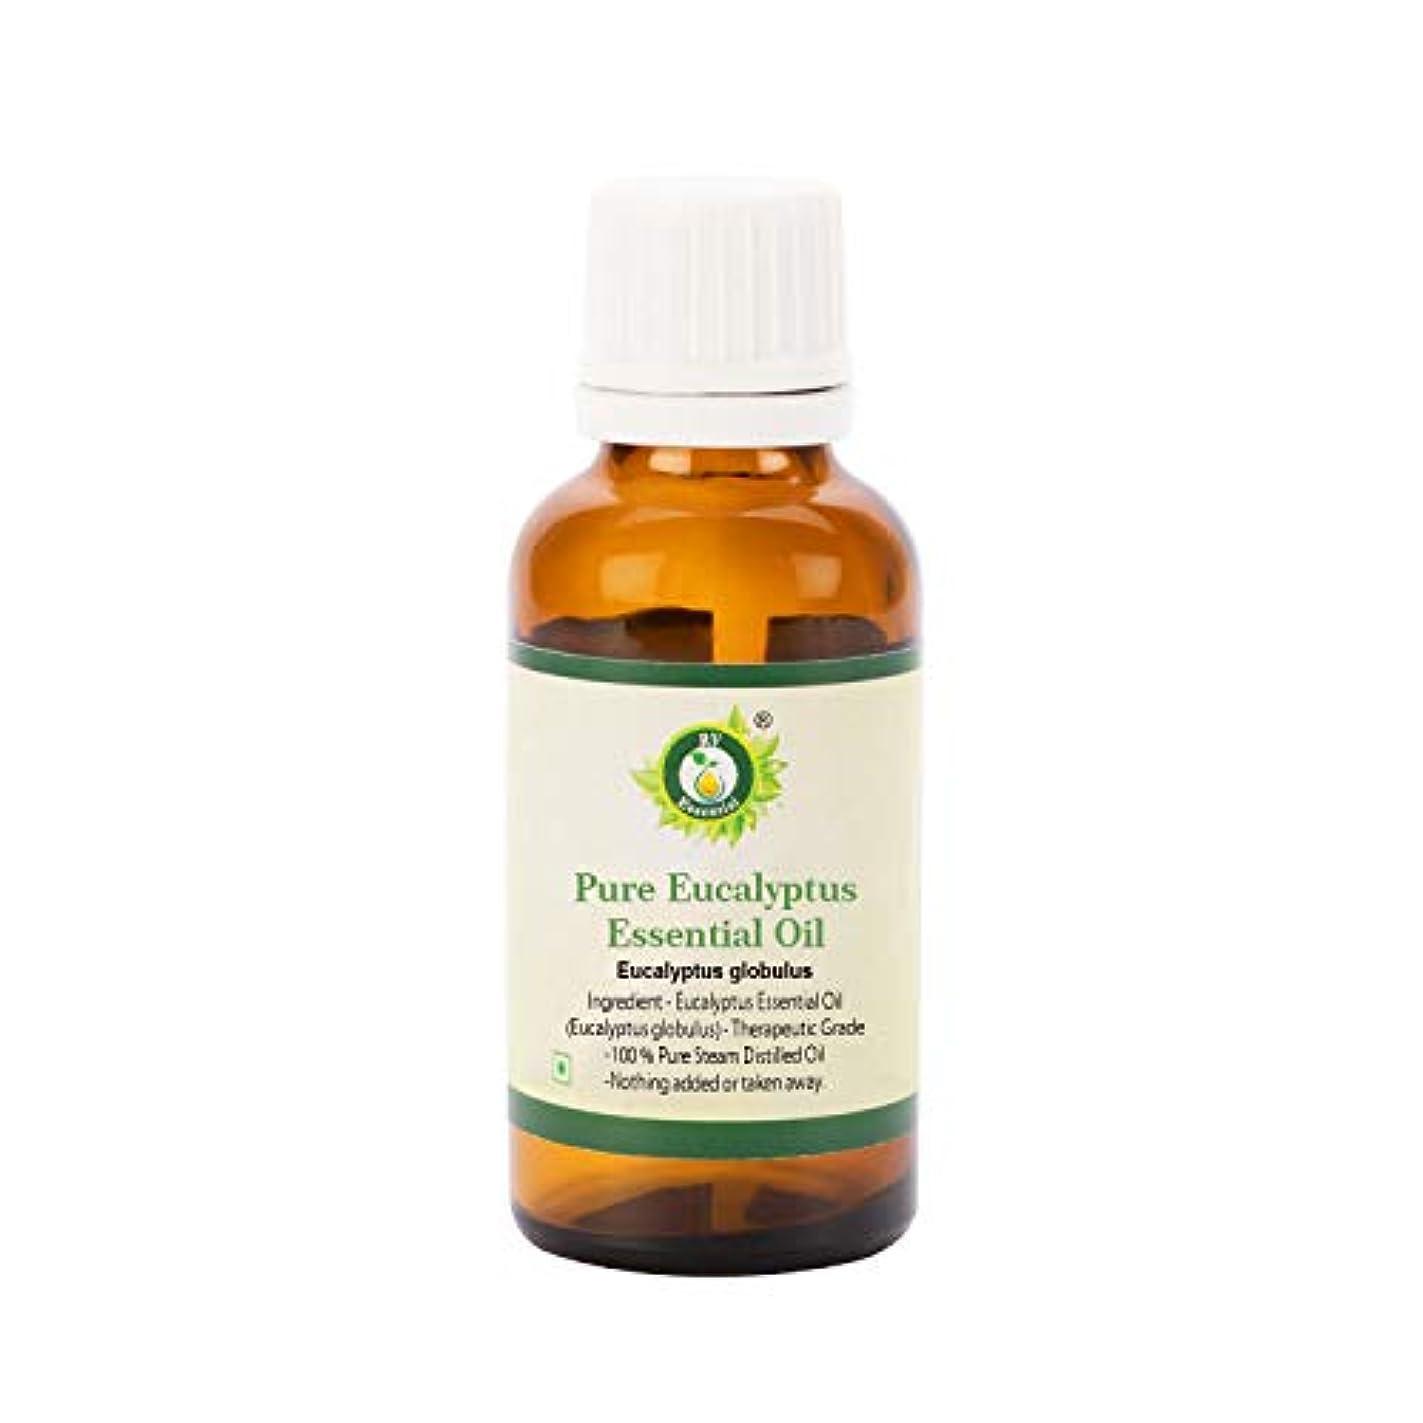 ツール北米移住するR V Essential ピュアユーカリエッセンシャルオイル15ml (0.507oz)- Eucalyptus globulus (100%純粋&天然スチームDistilled) Pure Eucalyptus Essential...